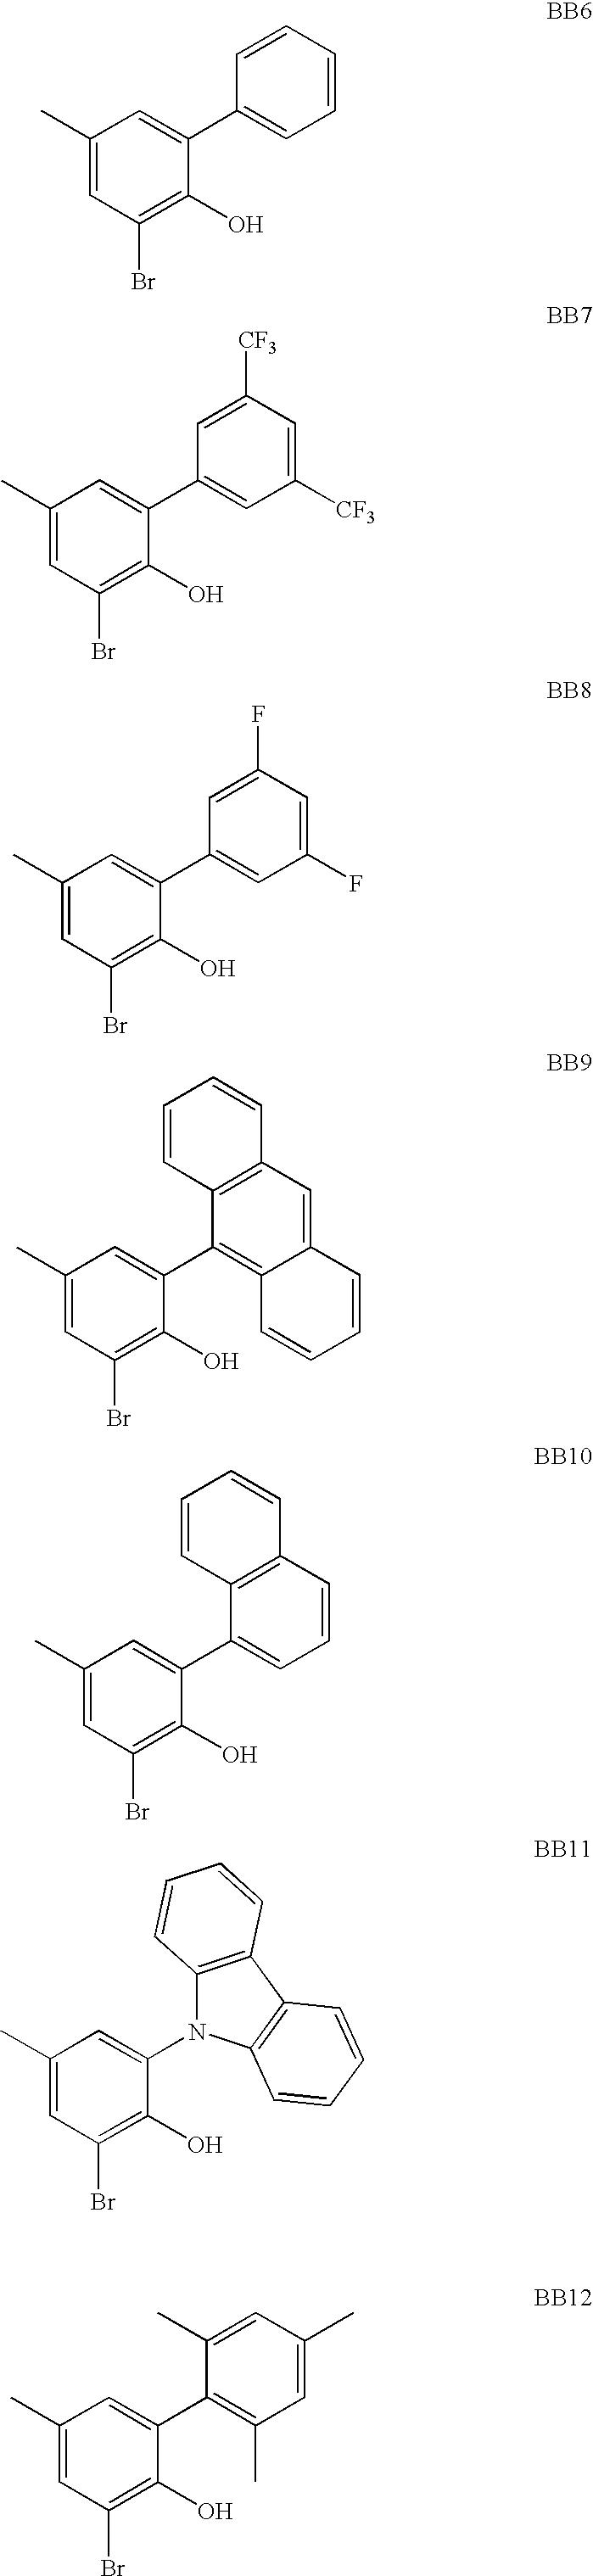 Figure US07241715-20070710-C00054